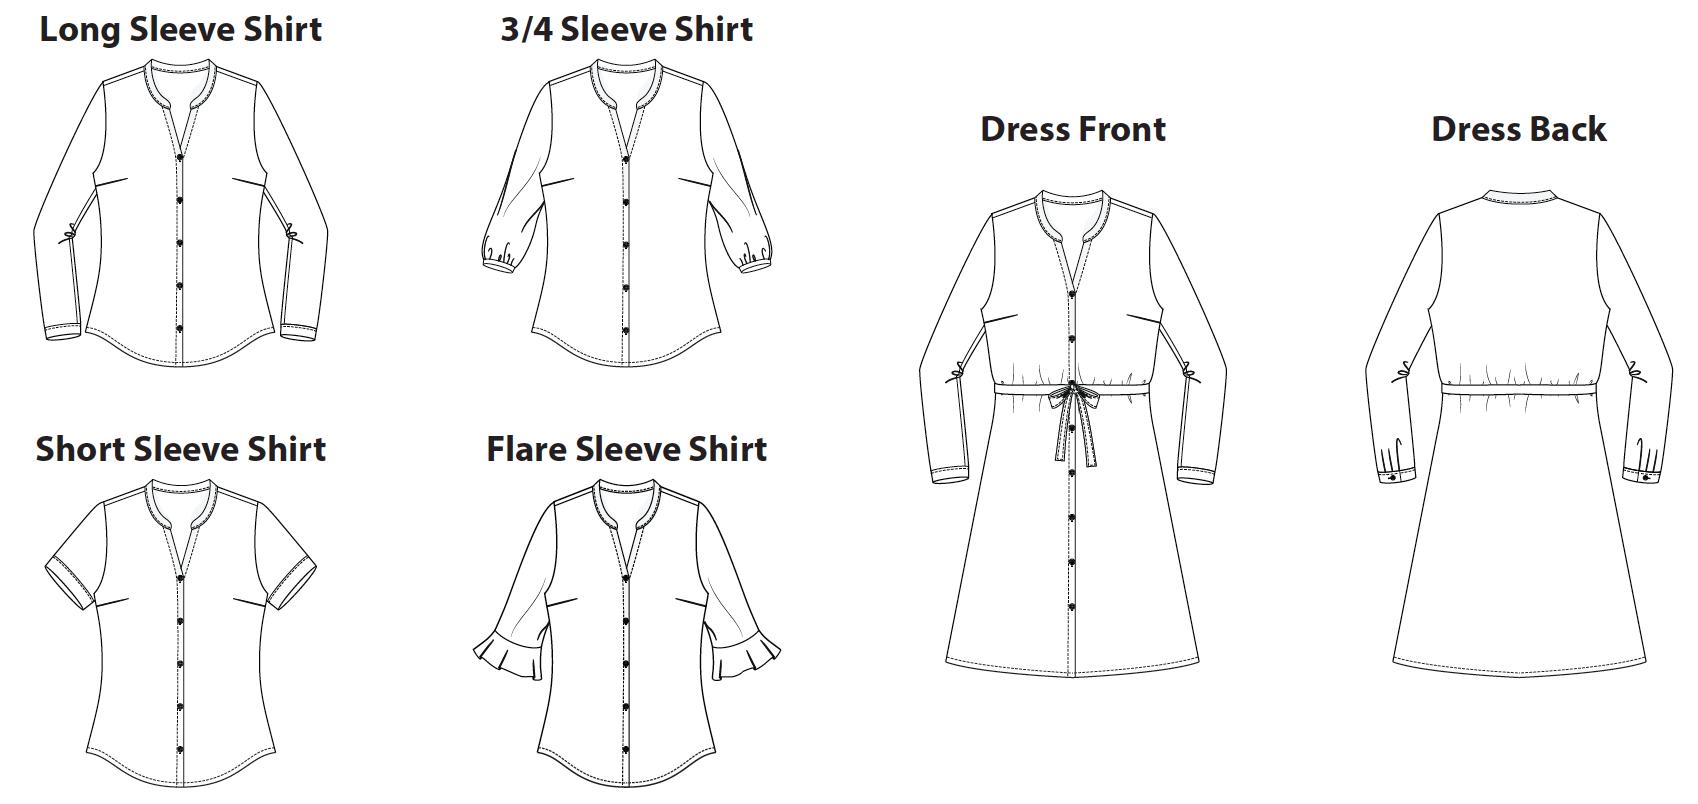 Bonn Shirt & Dress Digital Sewing Pattern (PDF) - Itch To Stitch